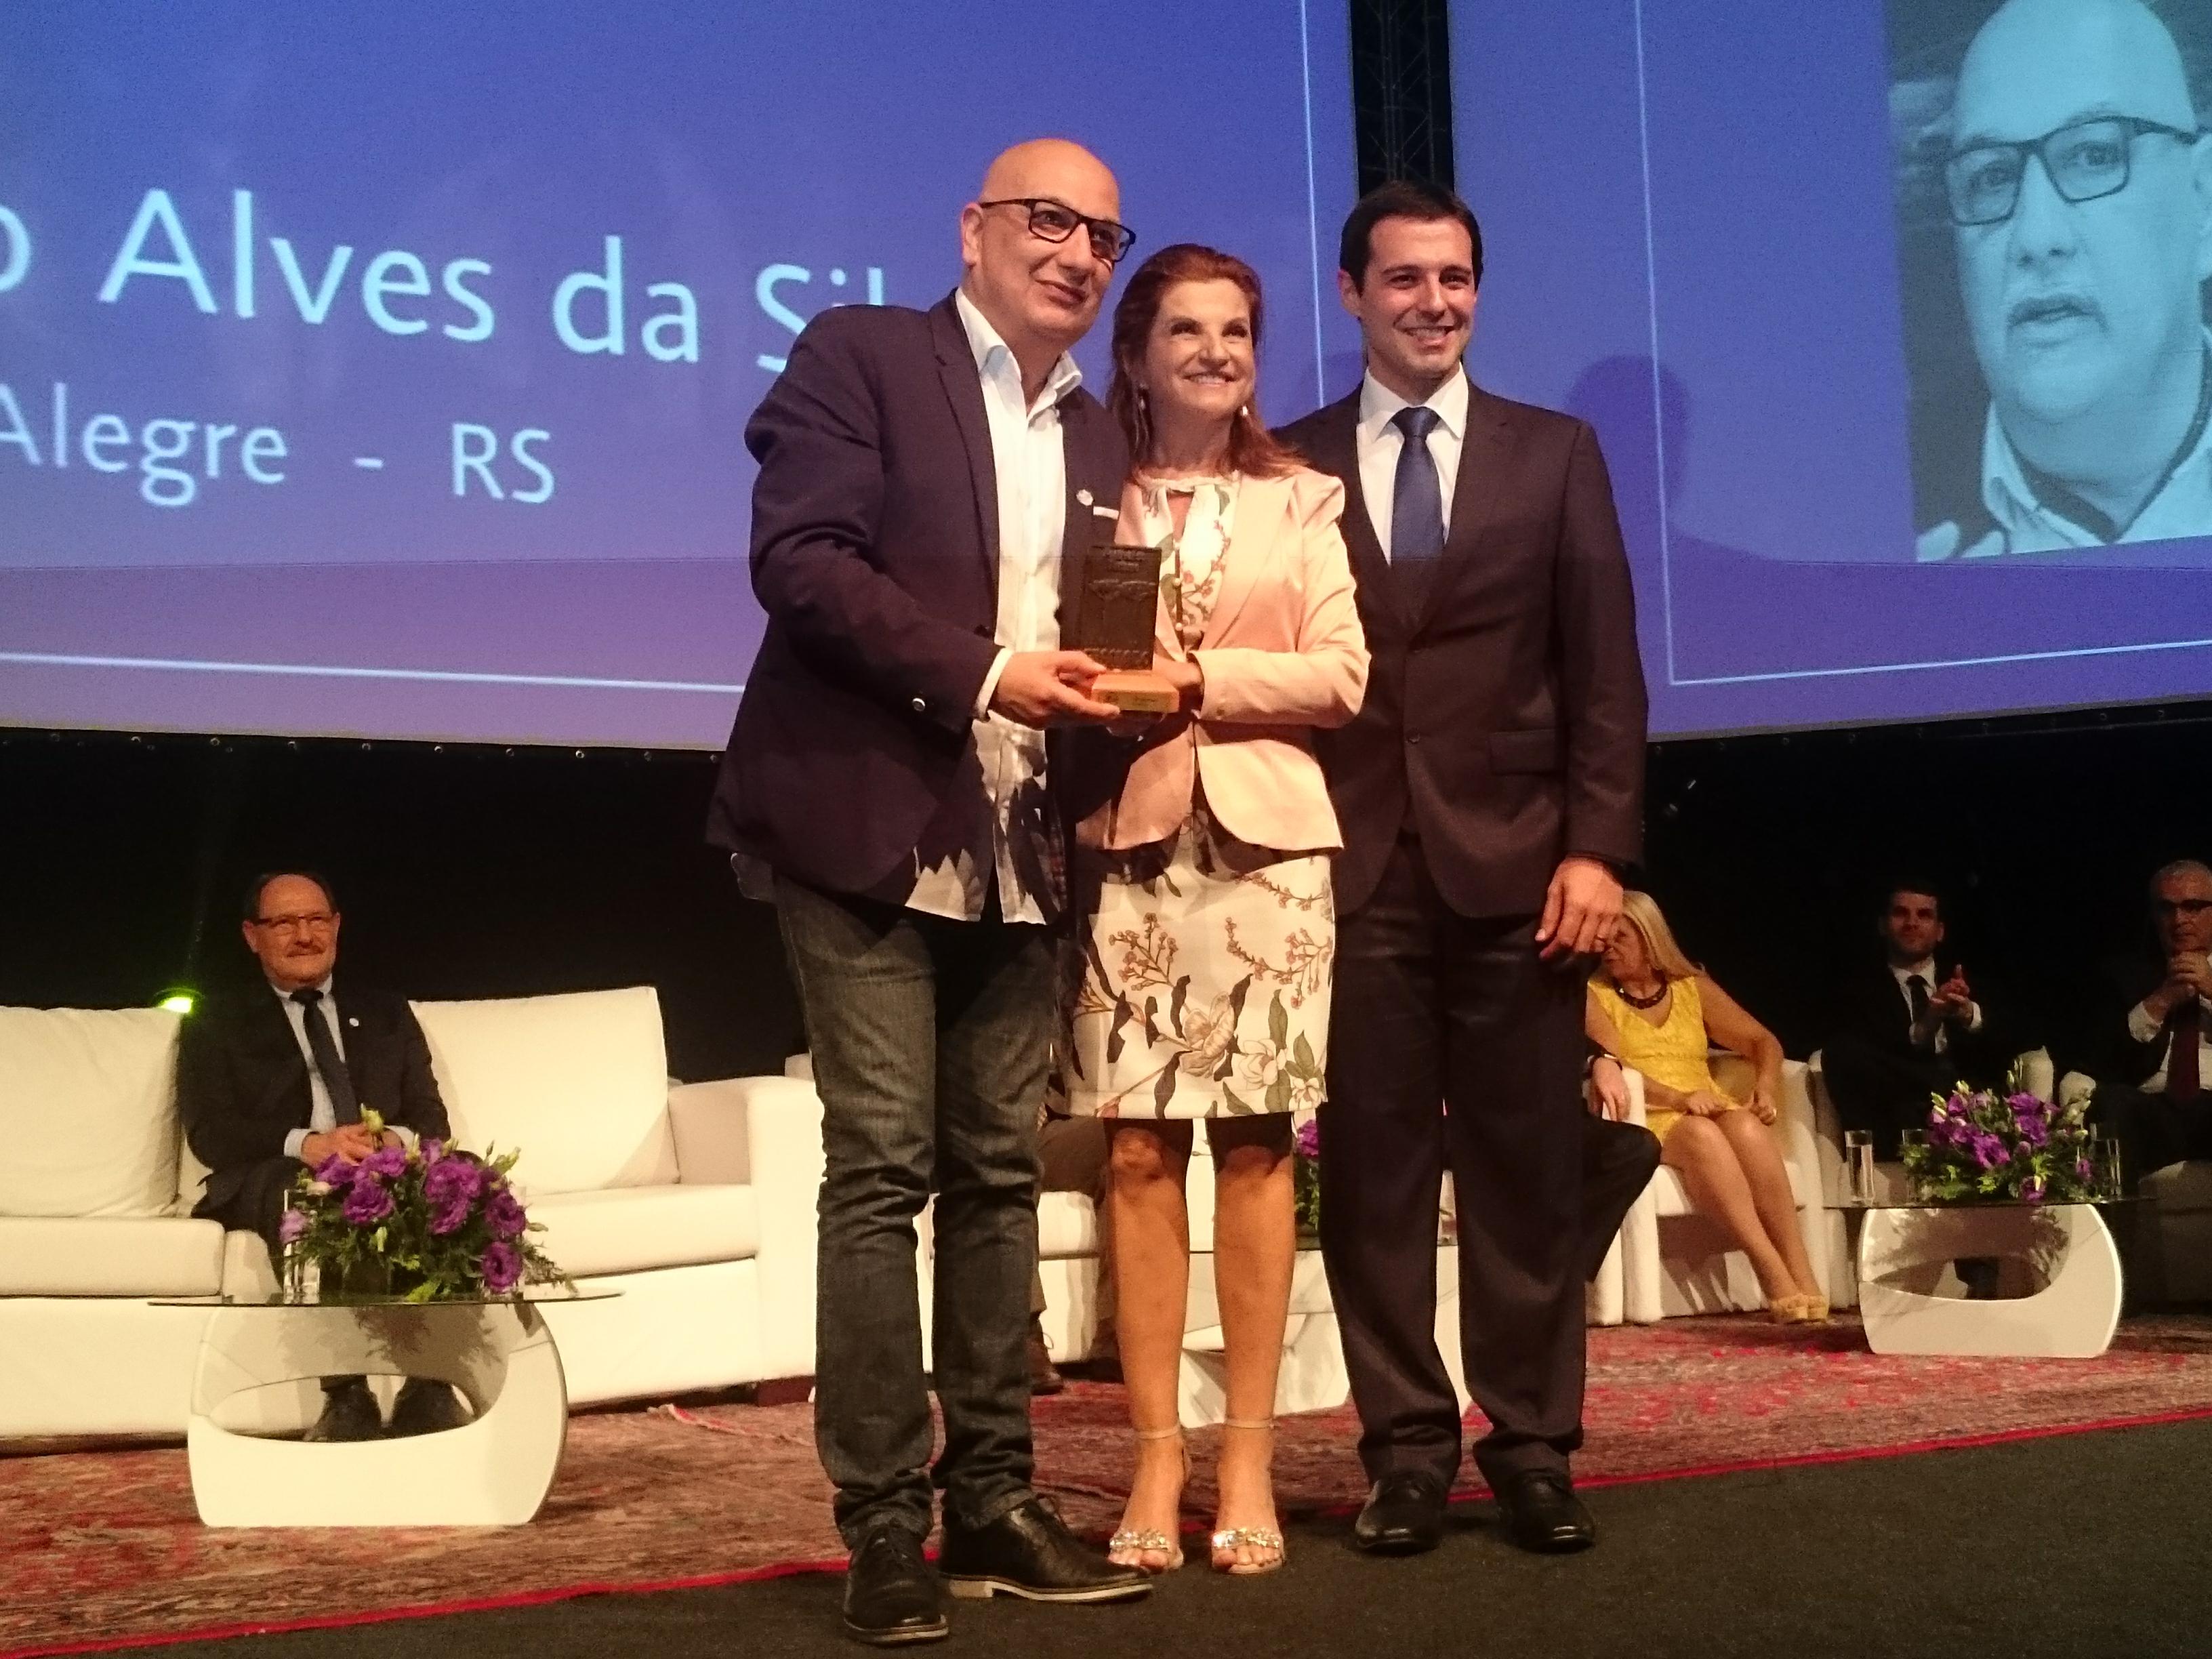 Vitor Hugo, secretário de turismo do Estado do Rio Grande do Sul é homenageado pelo Festuris/Marta Rossi e Eduardo Zorzanello